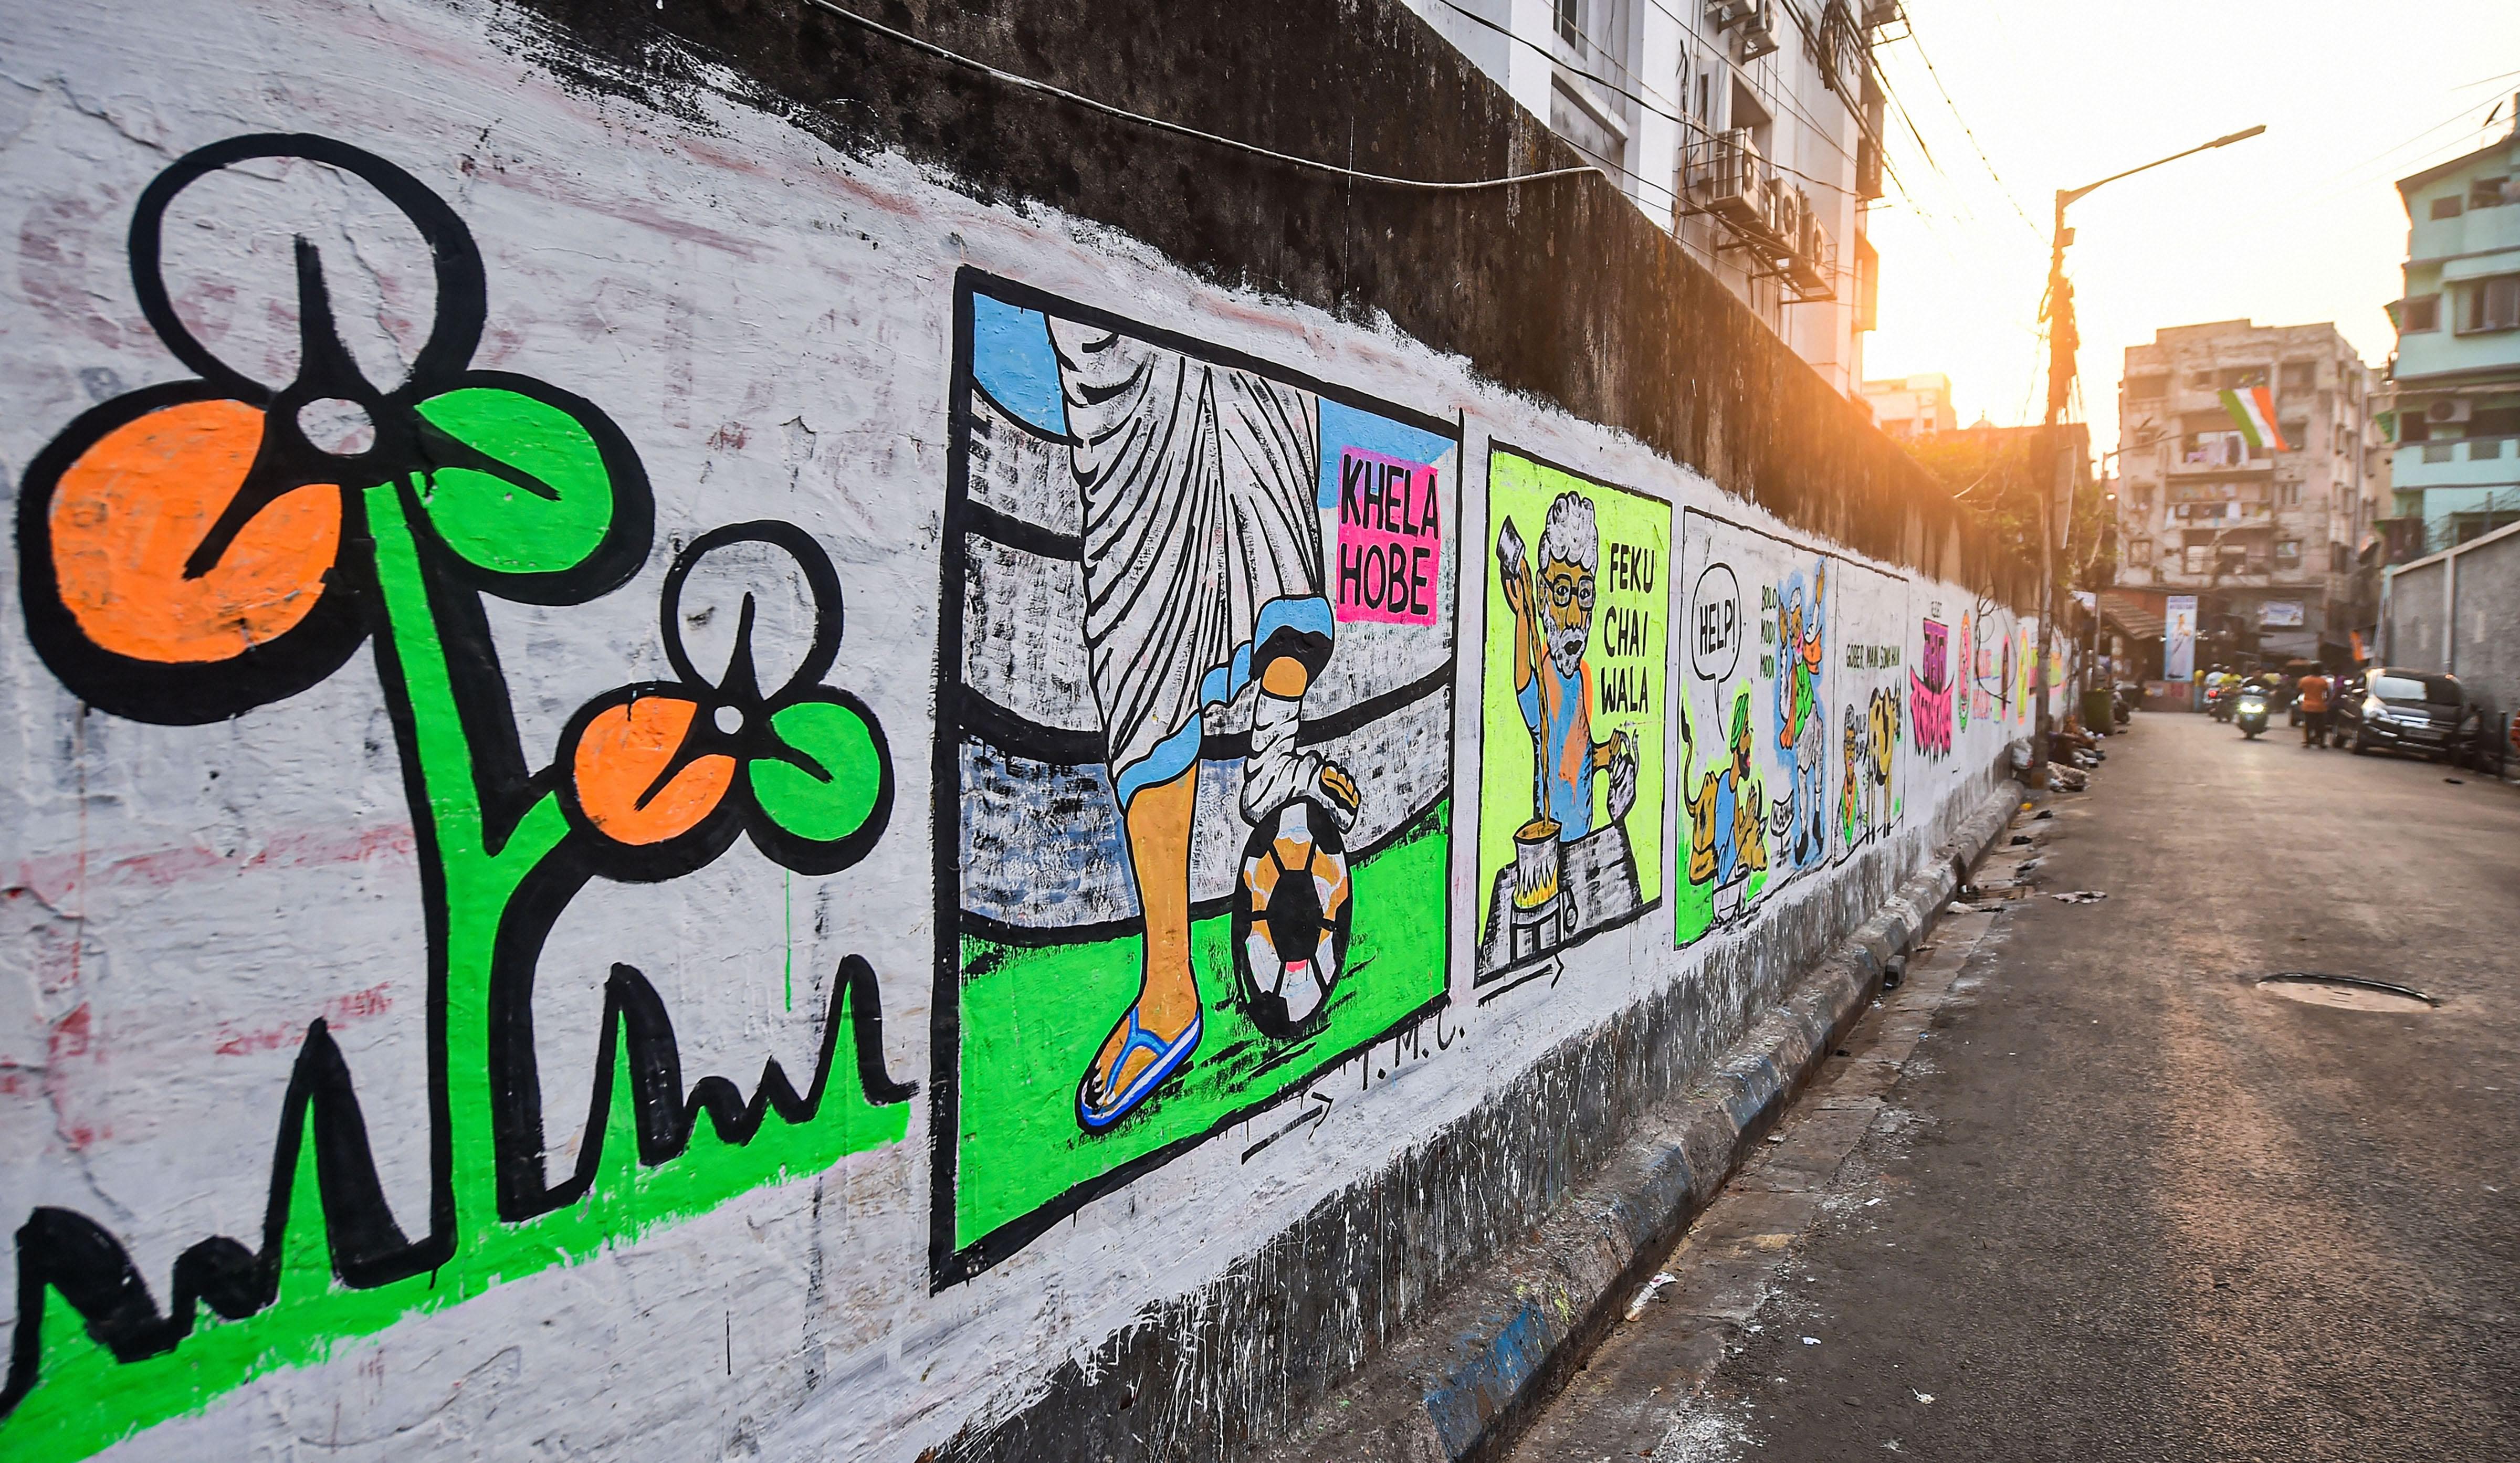 ময়না - ২০১৬ সালের বিধানসভা নির্বাচনে জয়ী তৃণমূল। ২০১৯ সালের লোকসভা ভোটের নিরিখে এগিয়ে তৃণমূল। (ছবিটি প্রতীকী, সৌজন্য পিটিআই)